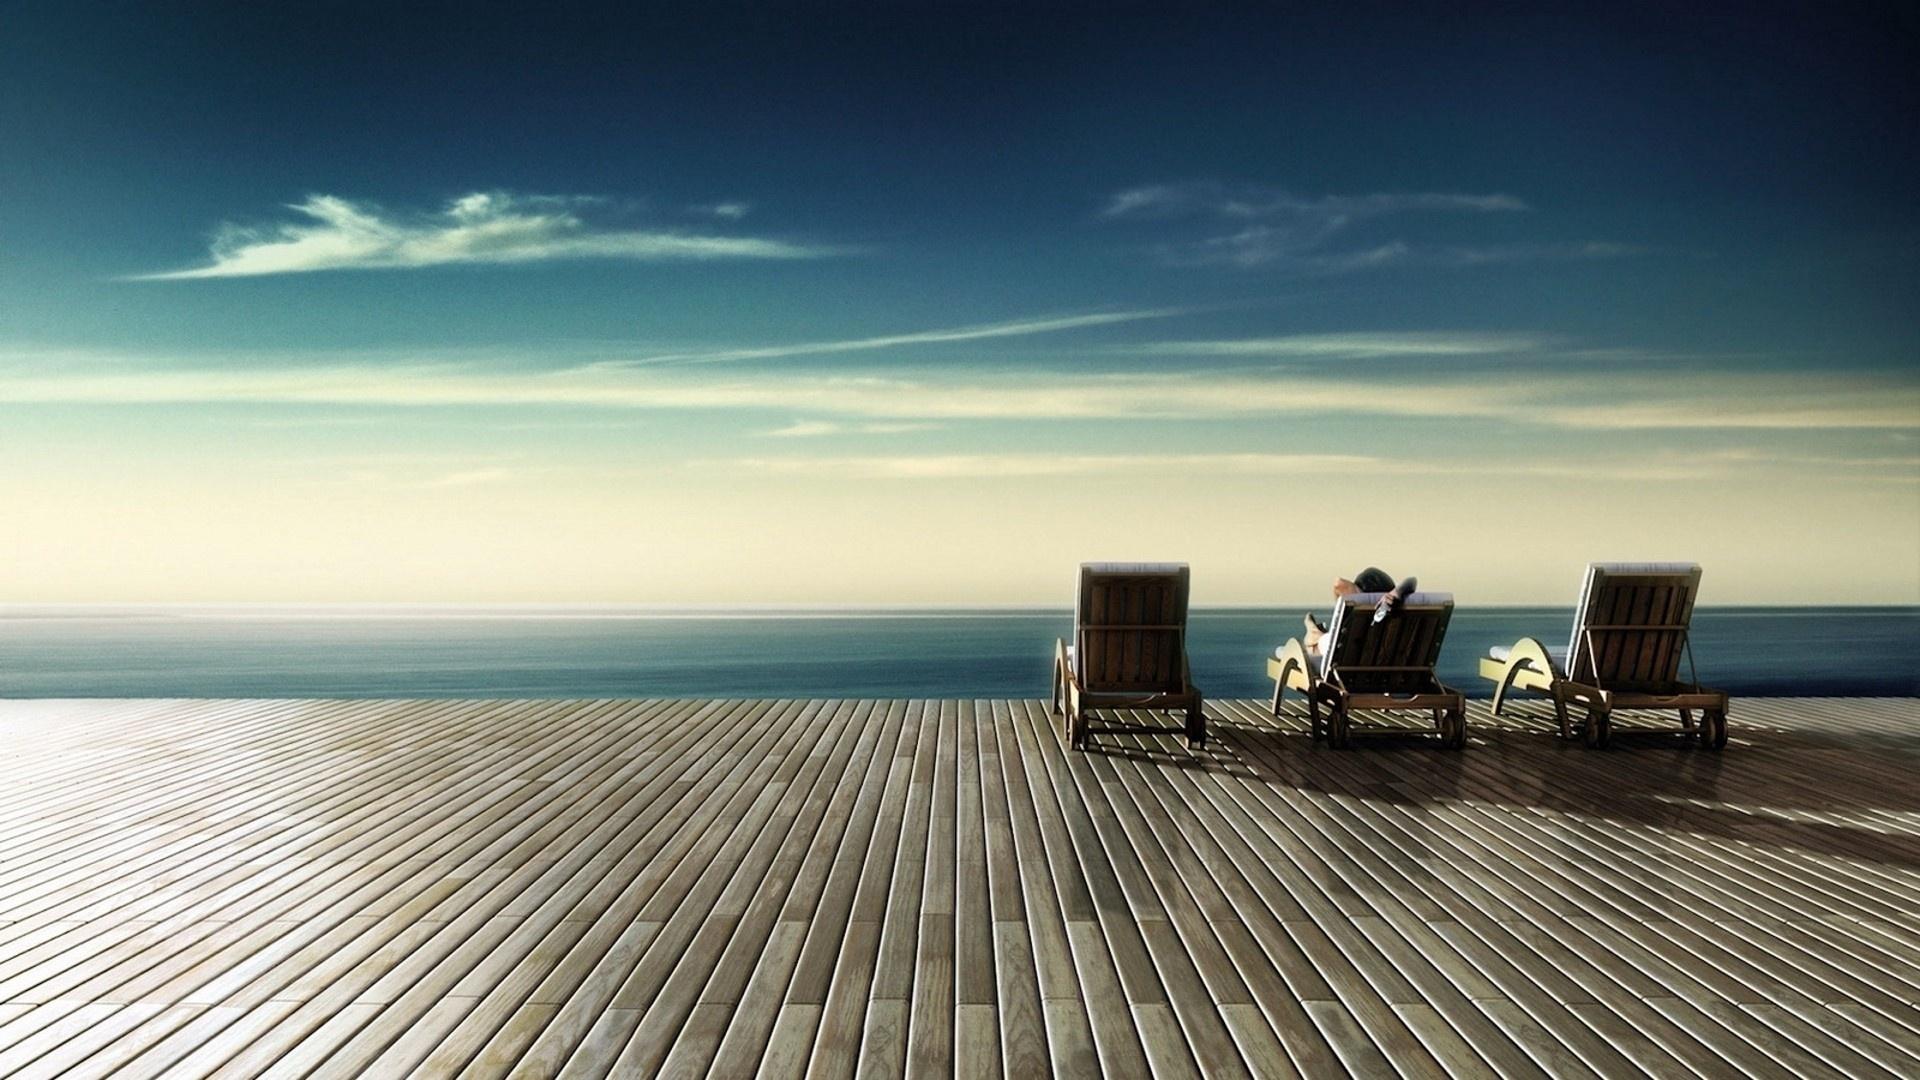 Relax Wallpaper